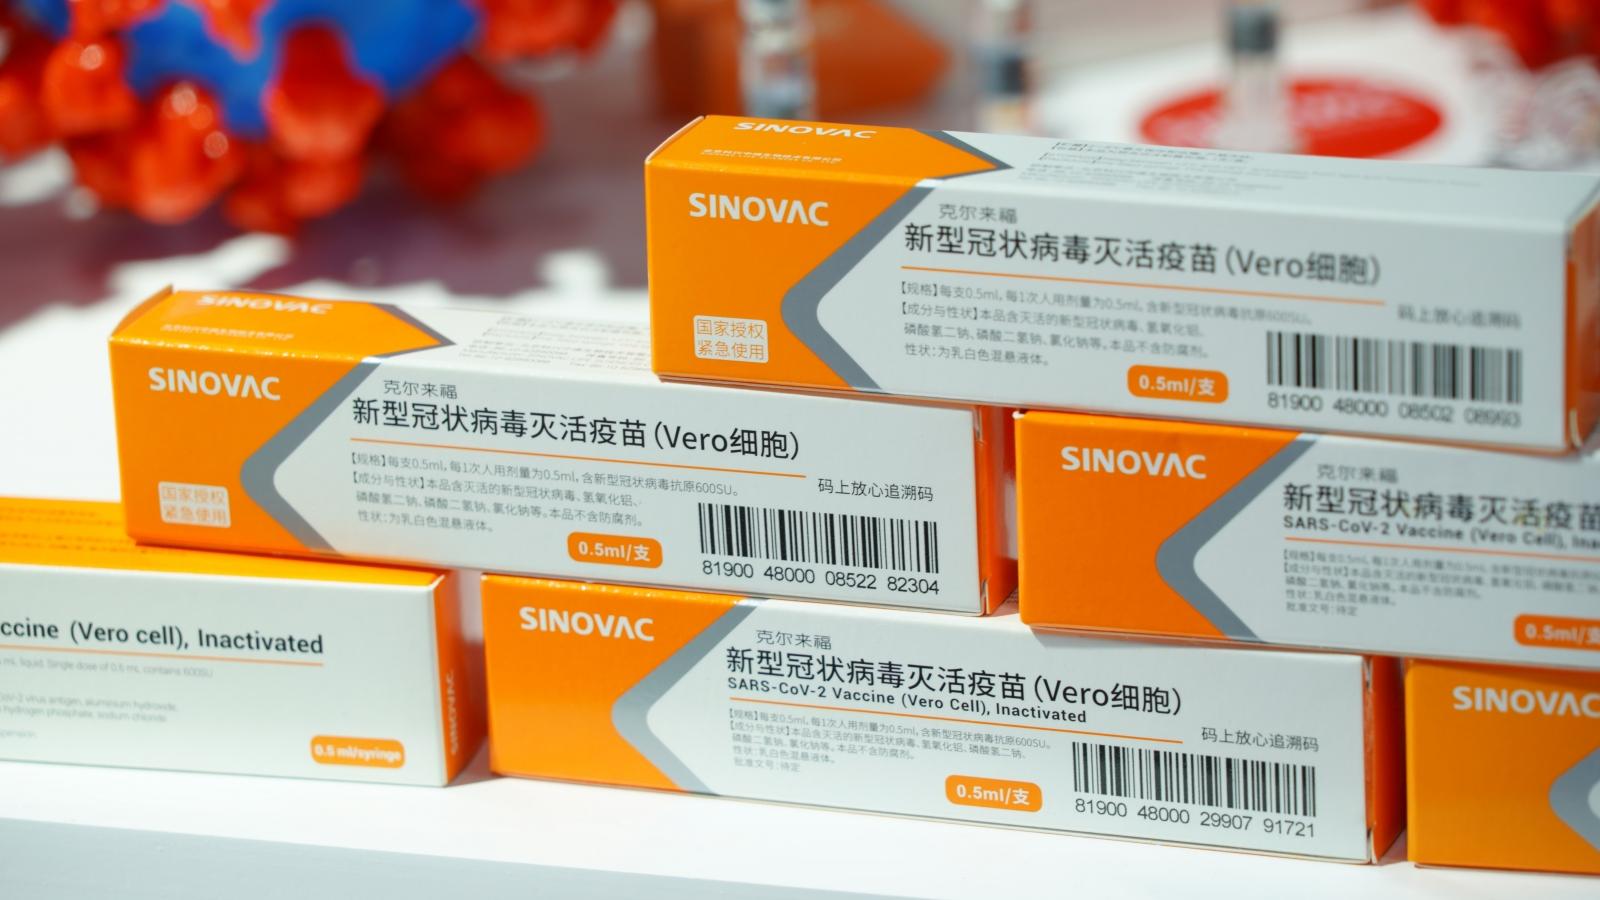 Sinovac đăng ký thử nghiệm lâm sàng vaccine chống biến thể Delta trong quý 3